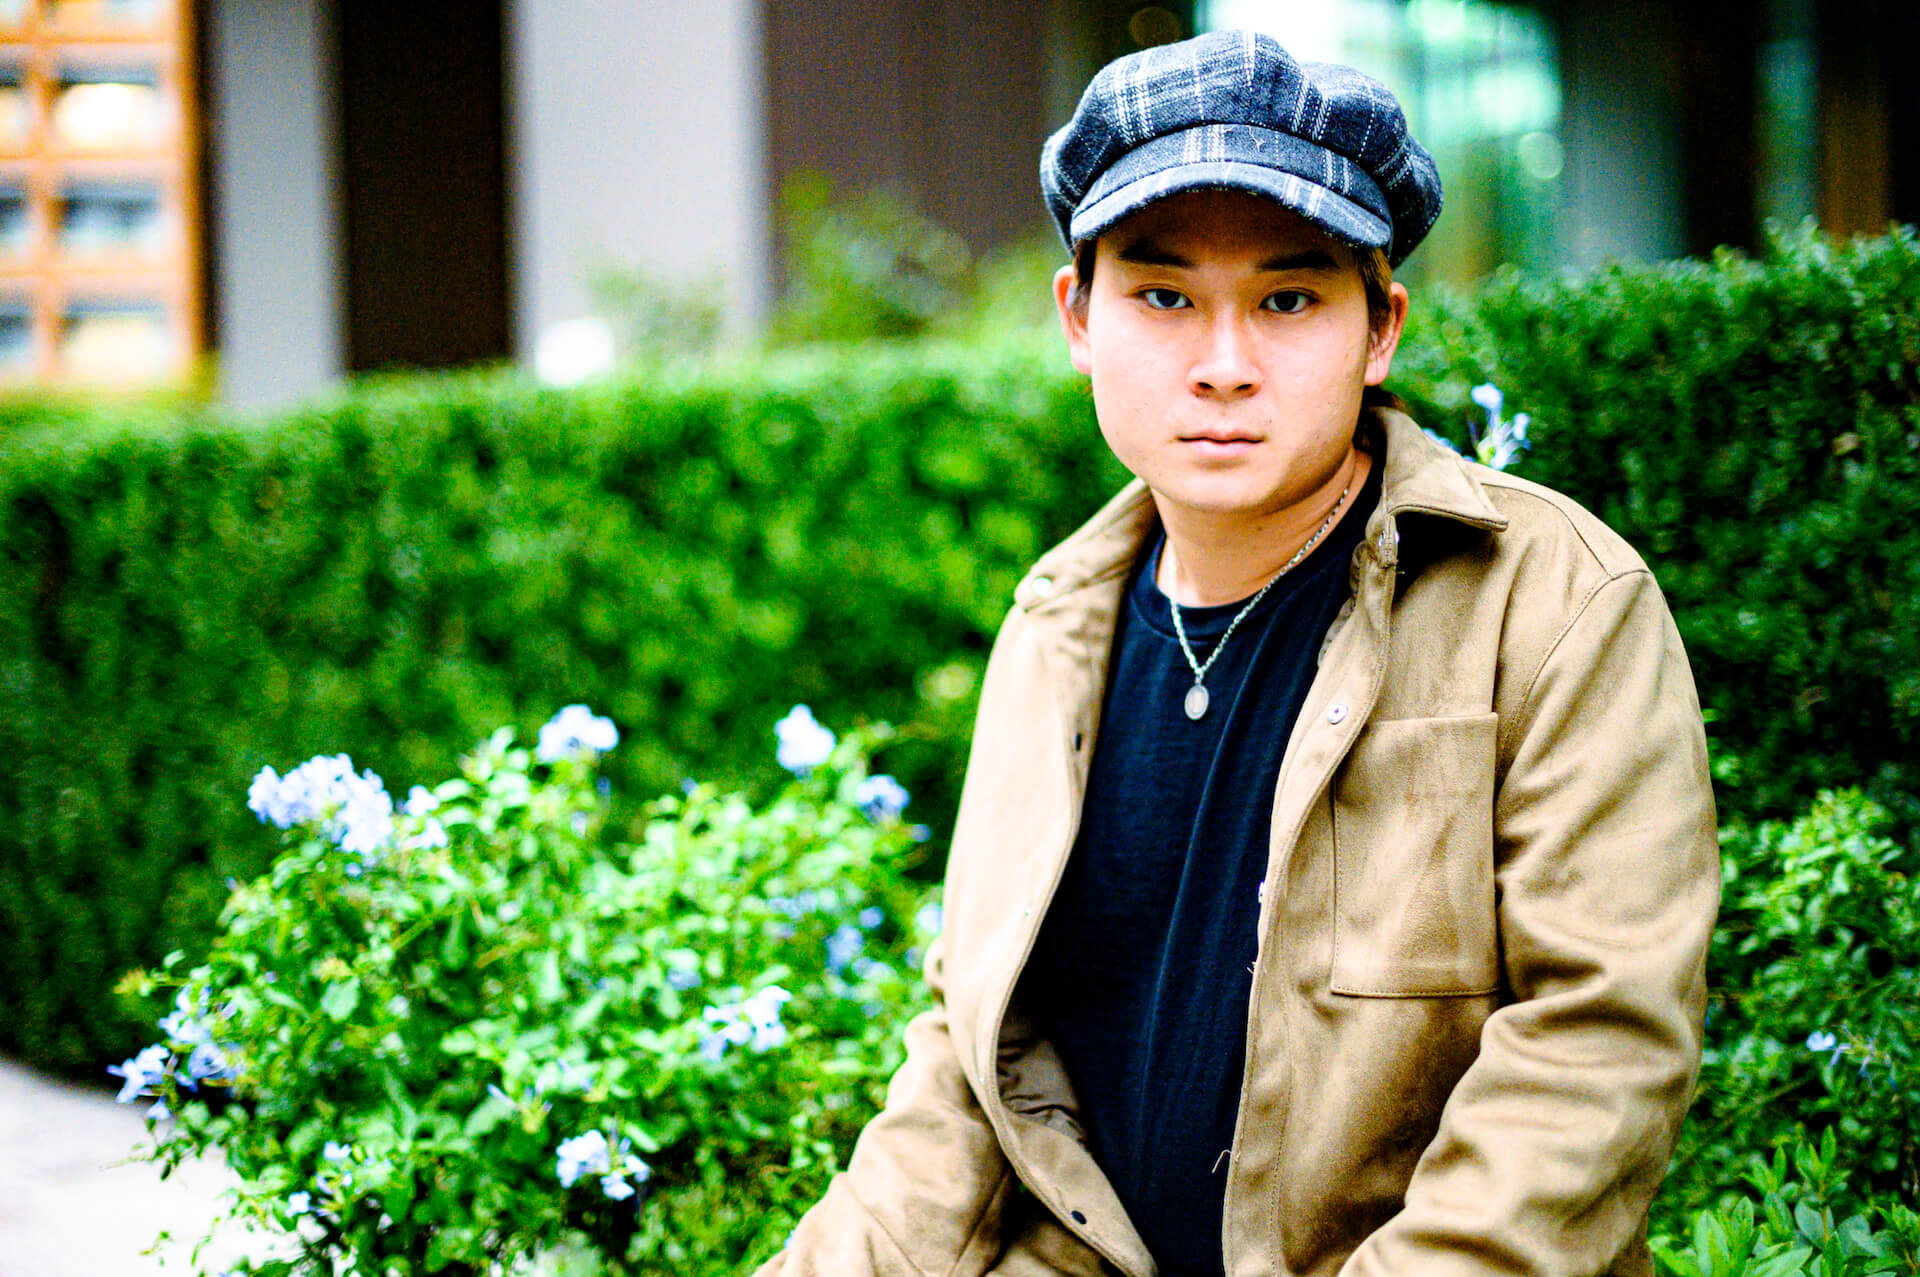 さらなる高みを目指すSANABAGUN.が4thアルバム『BALLADS』で求めた変化 interview-sanabagun-7